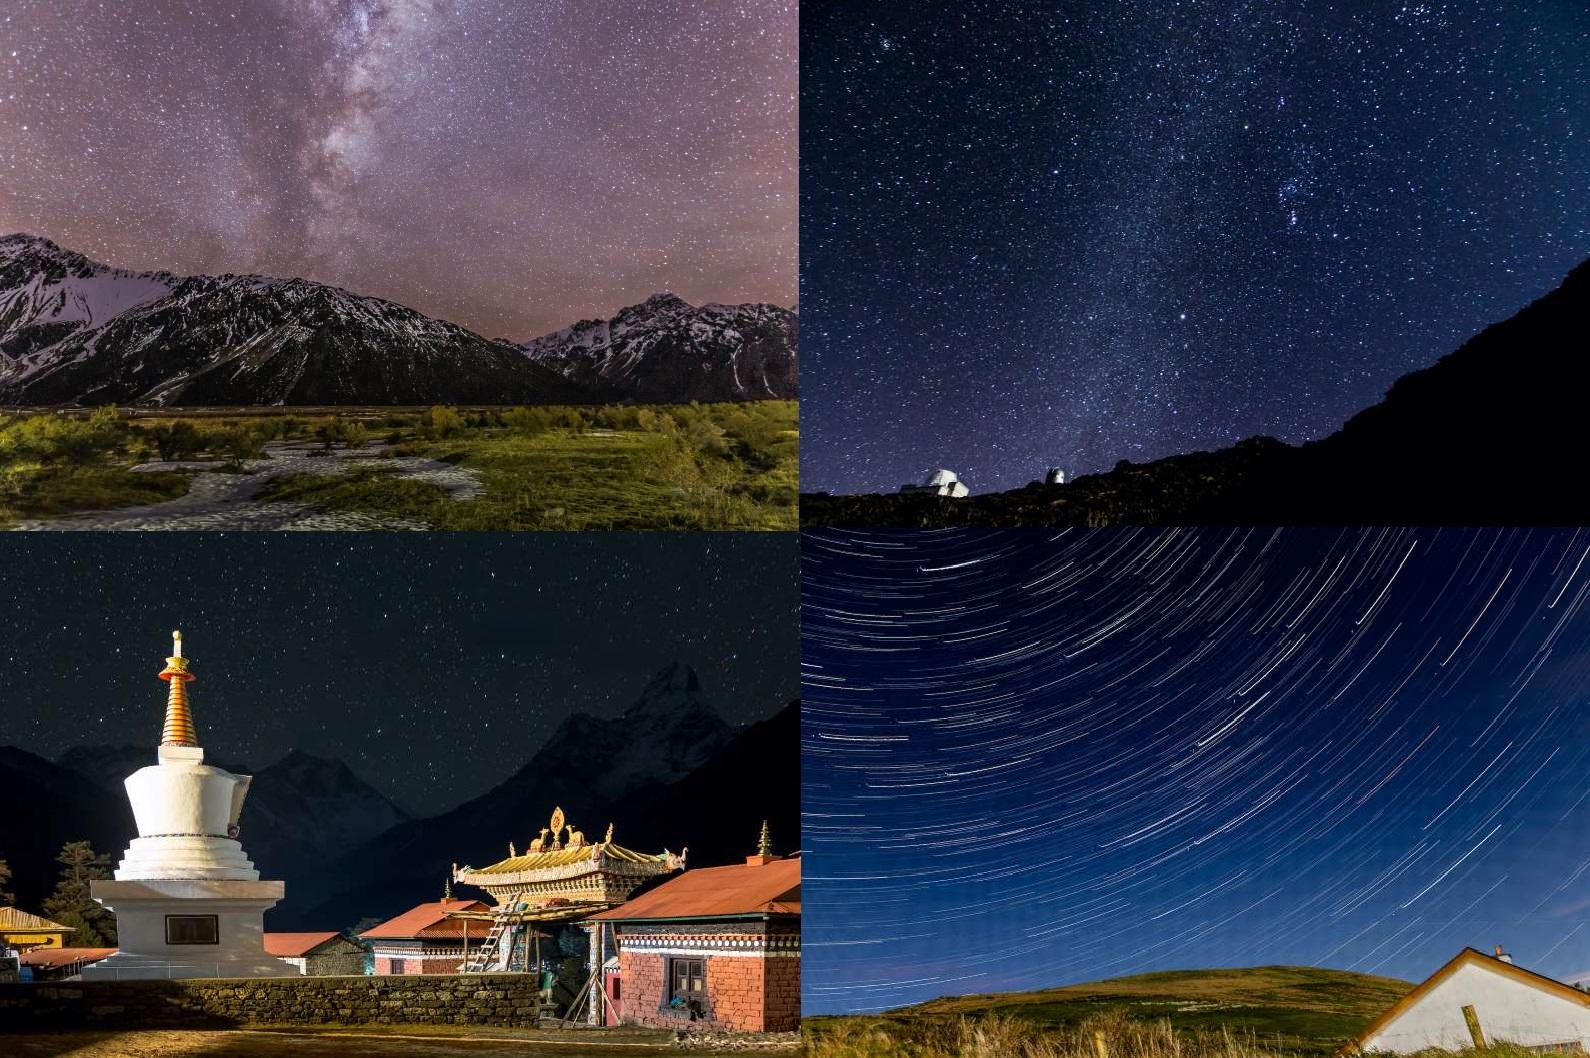 بهترین مکانهای جهان برای دیدن آسمان پرستاره